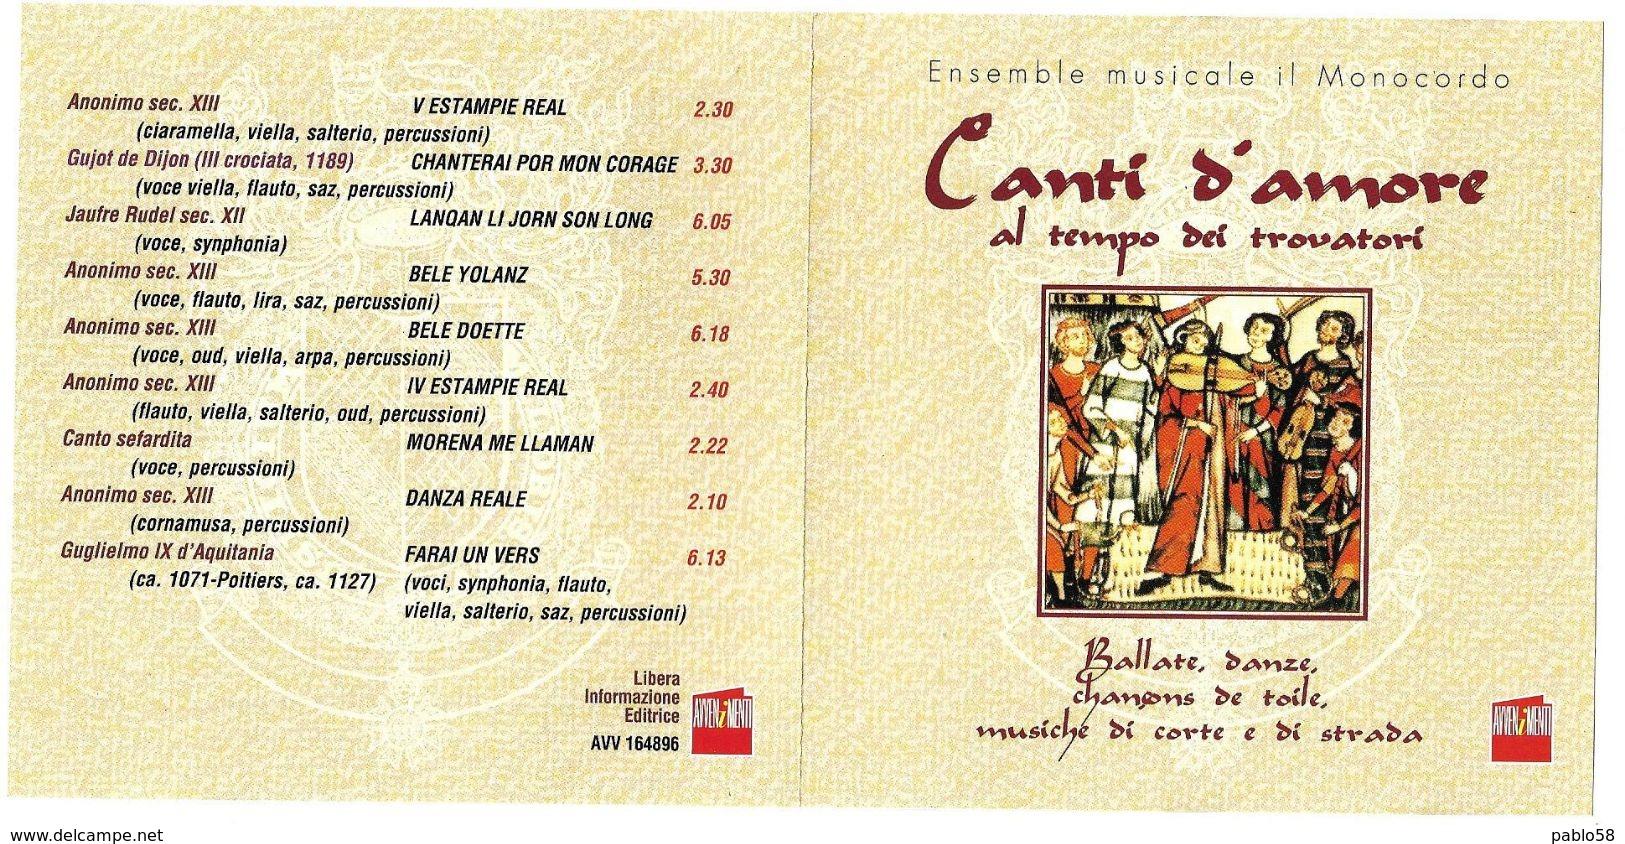 Canti D'amore Al Tempo Dei Trovatori - Musik & Instrumente